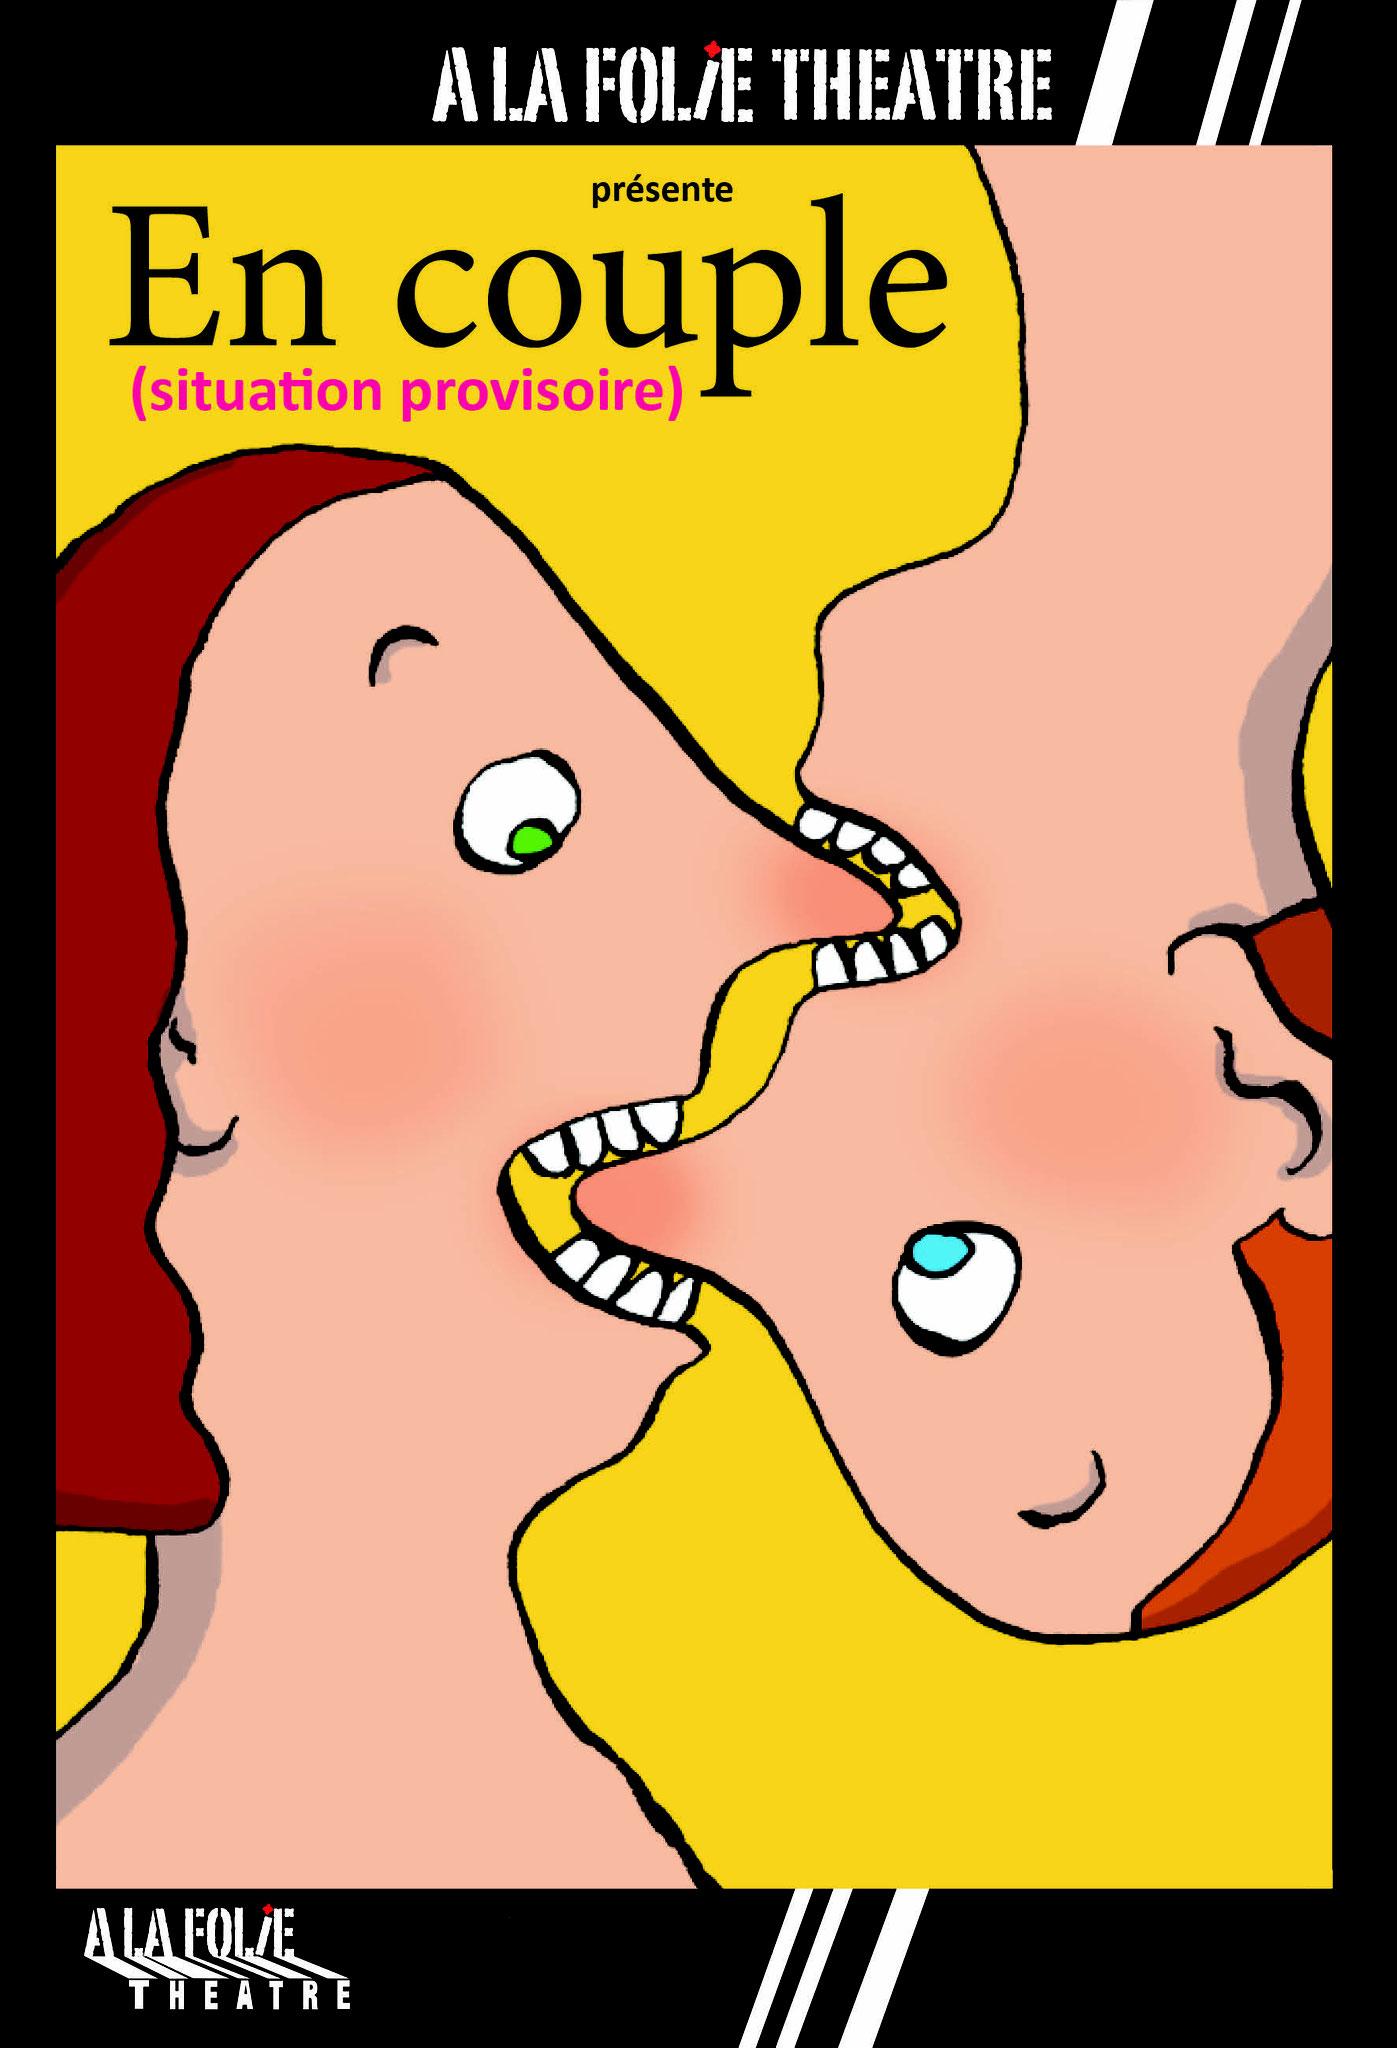 En couple, situation provisoire - Le 16 & 17 Octobre